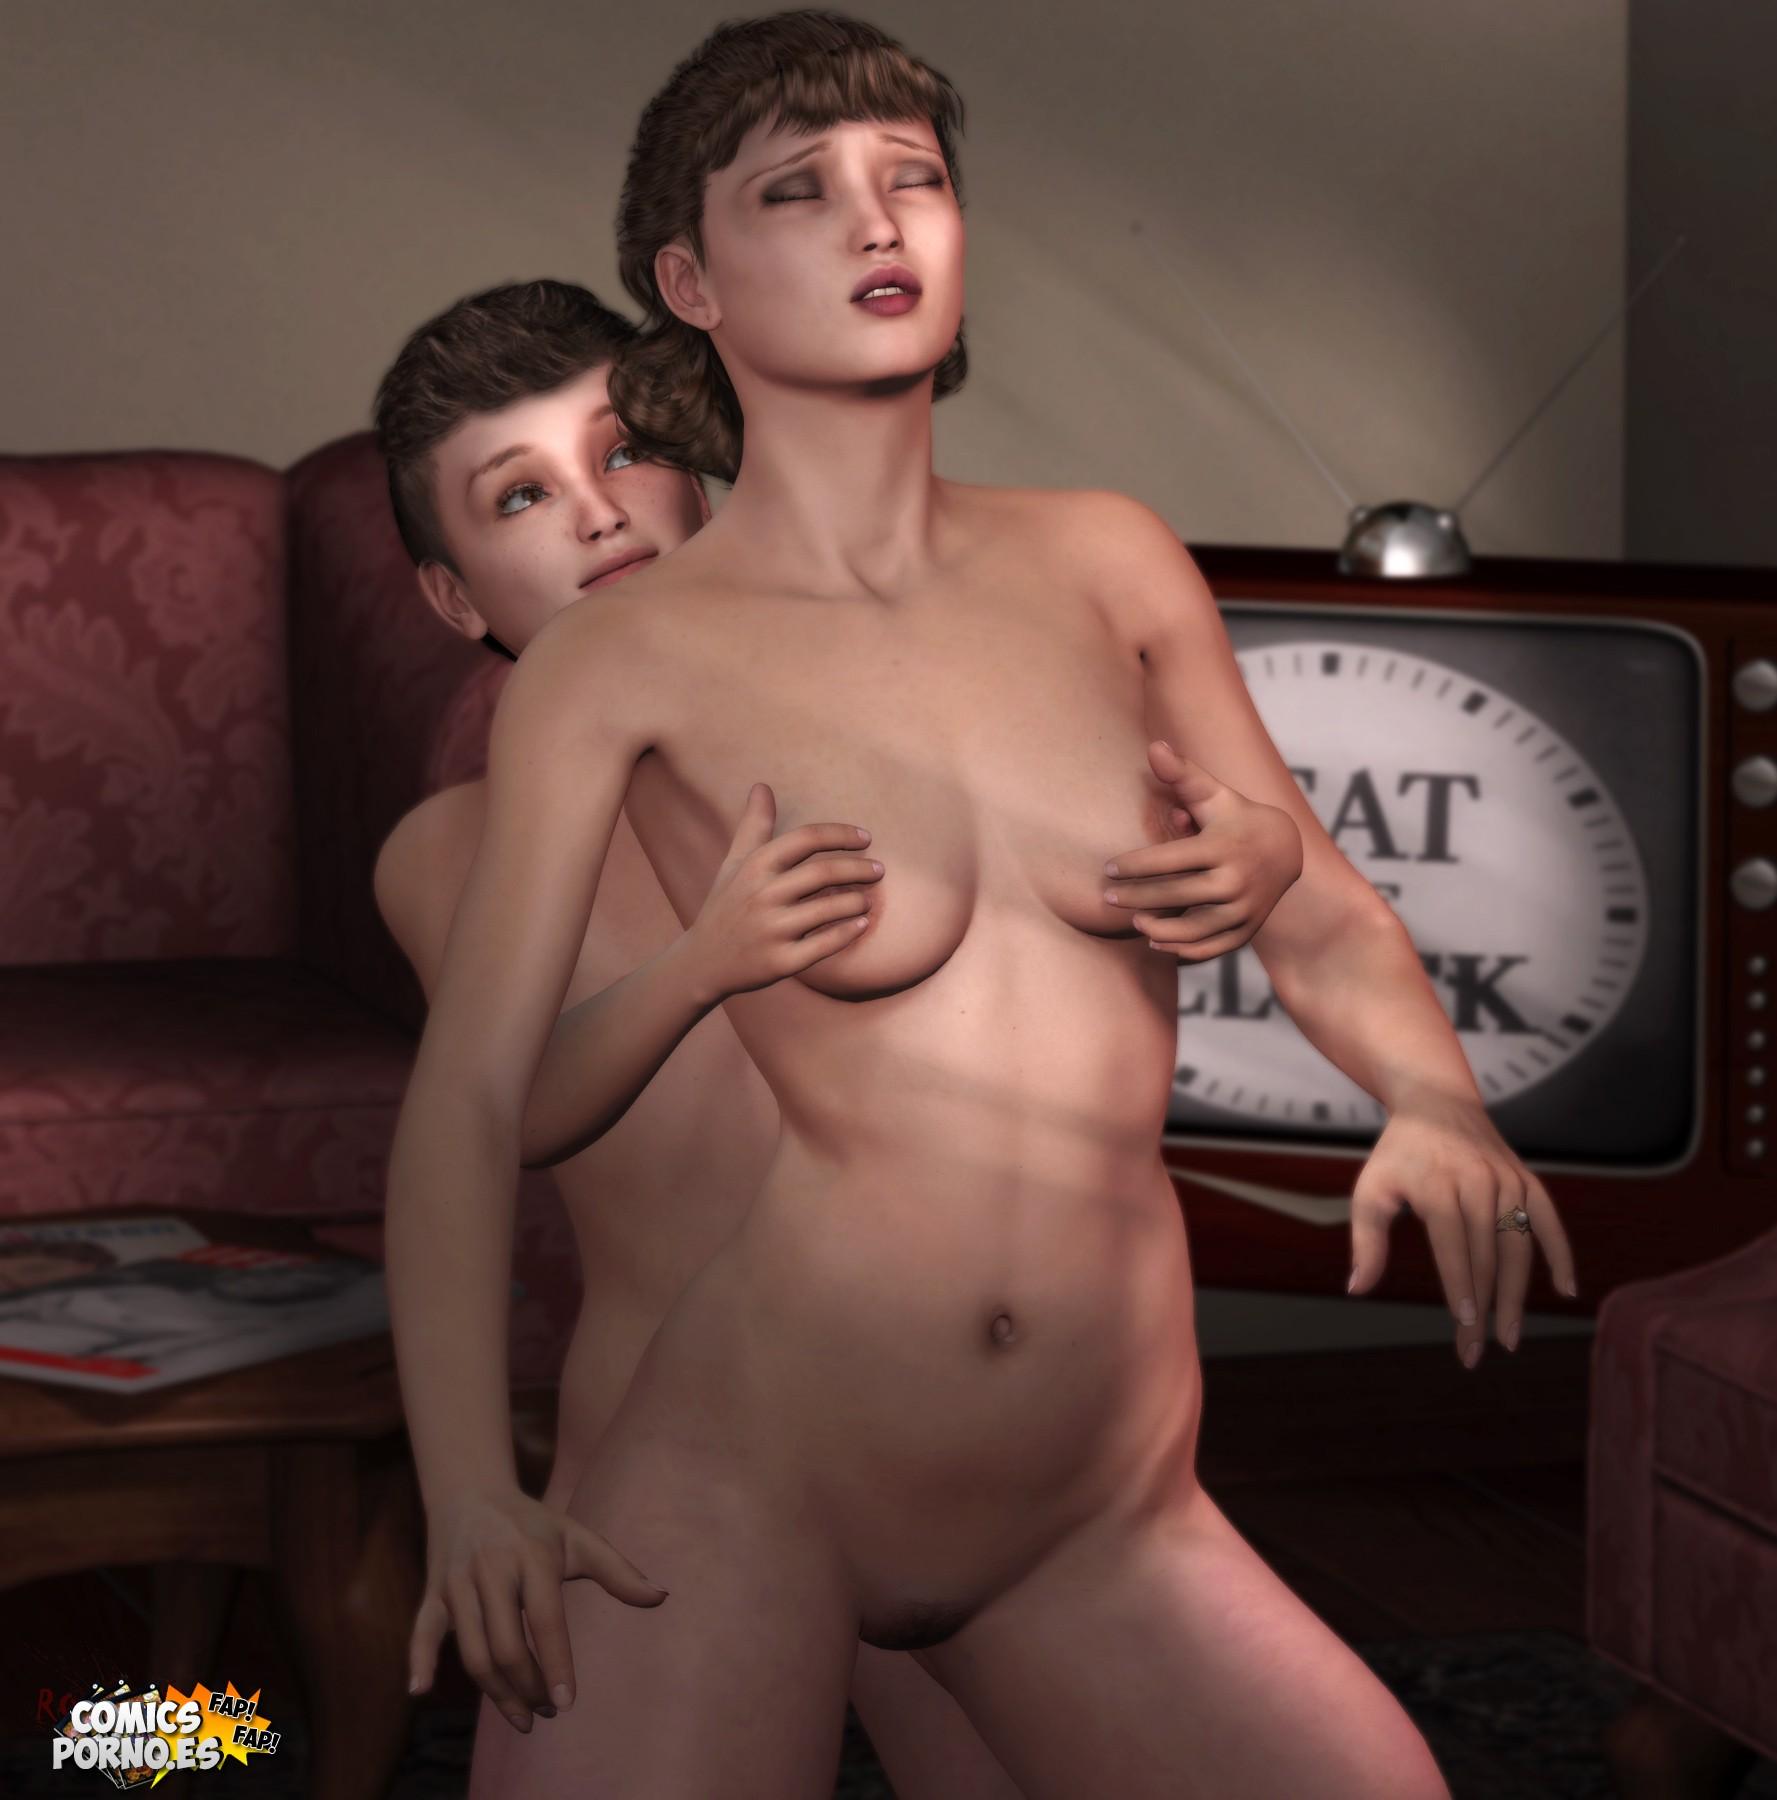 A Madre Porno roadkill bad day,incesto- madre hijo ~ ver porno comics